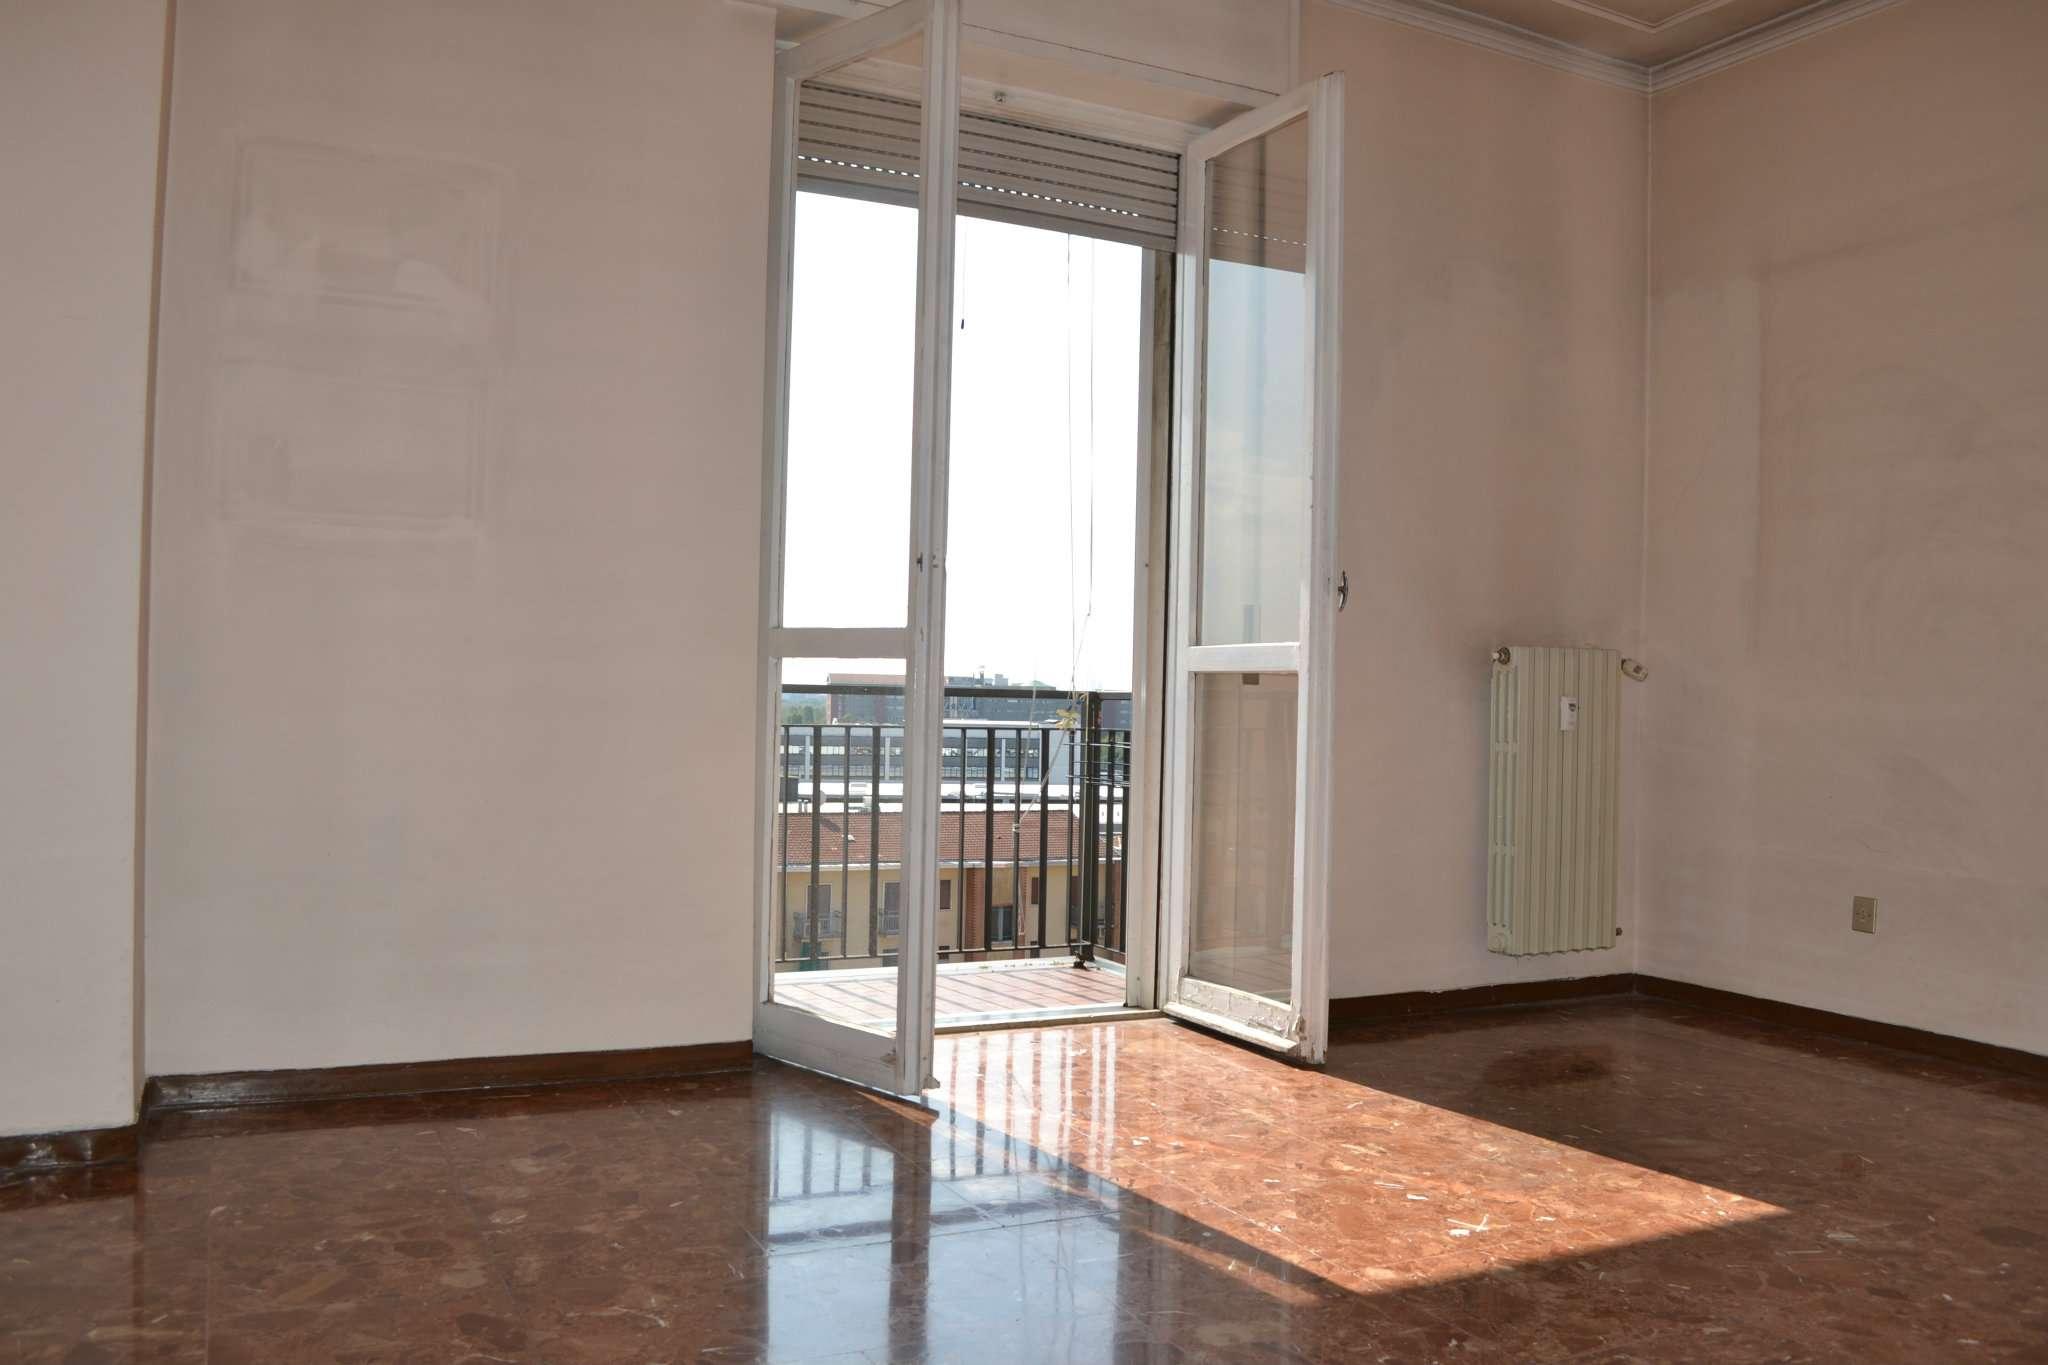 Appartamento da ristrutturare in vendita Rif. 5101523